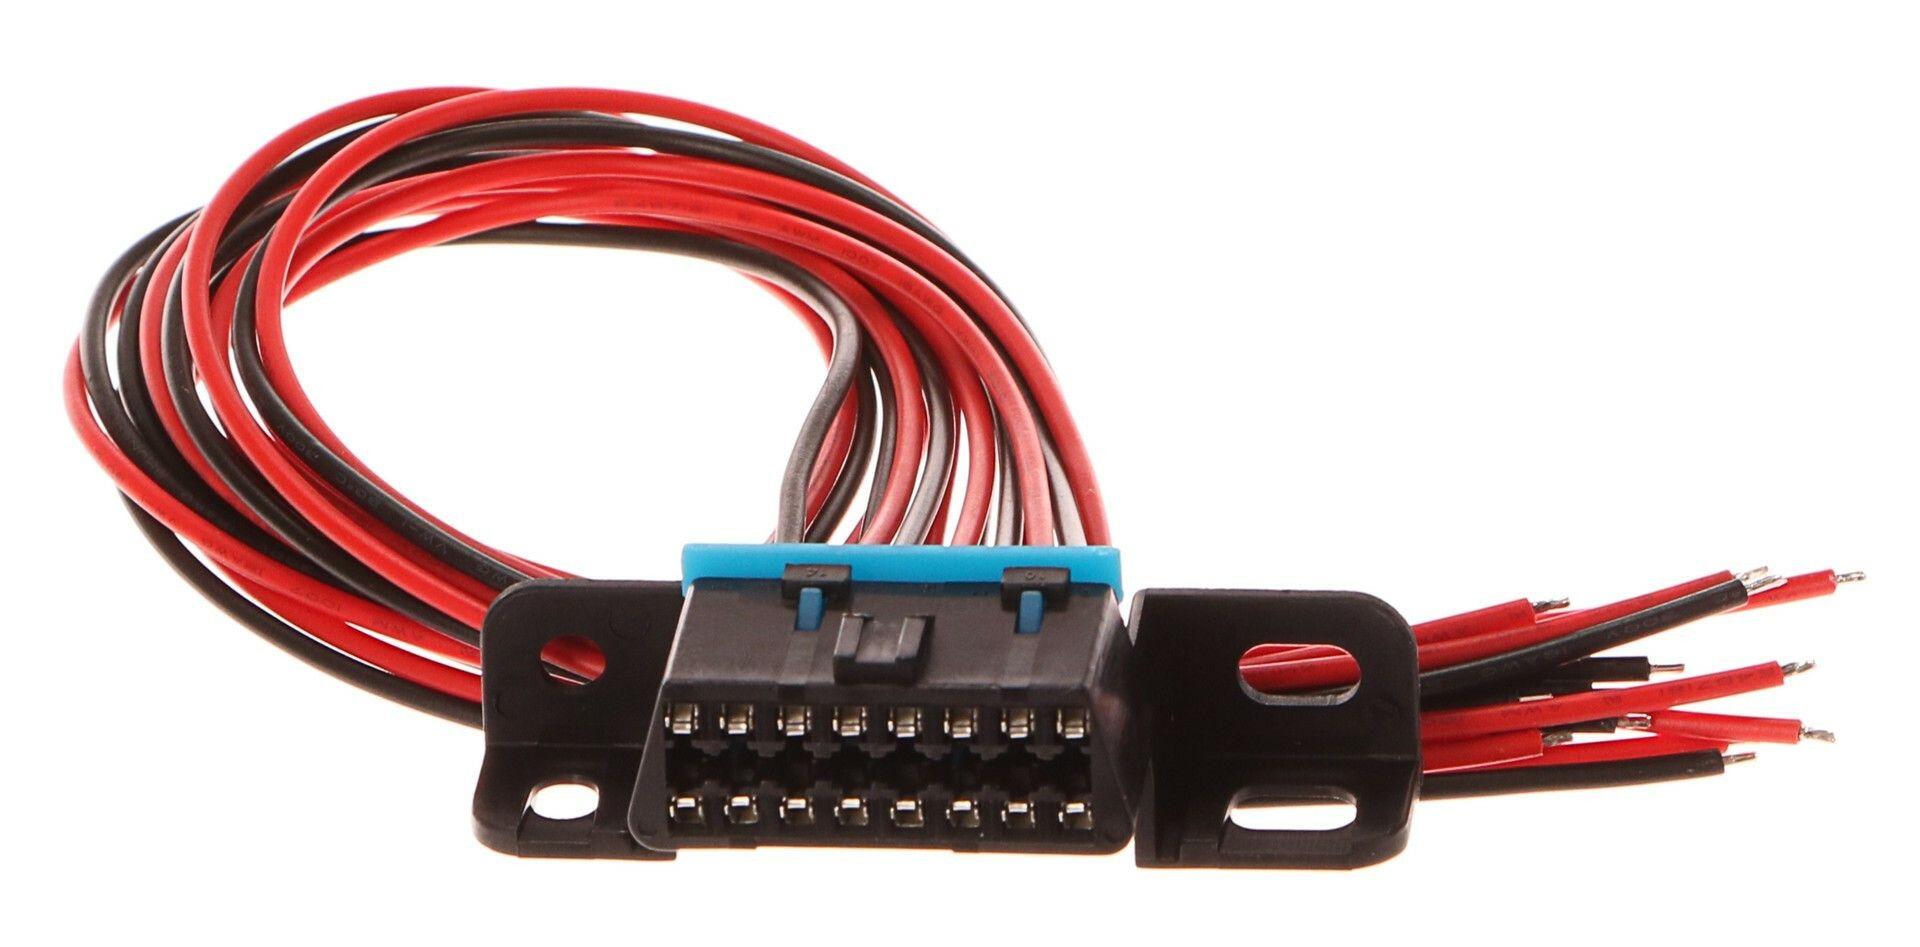 Zásuvka OBD2 s 16 piny ukončená 30 cm propojovacími kabely SIXTOL